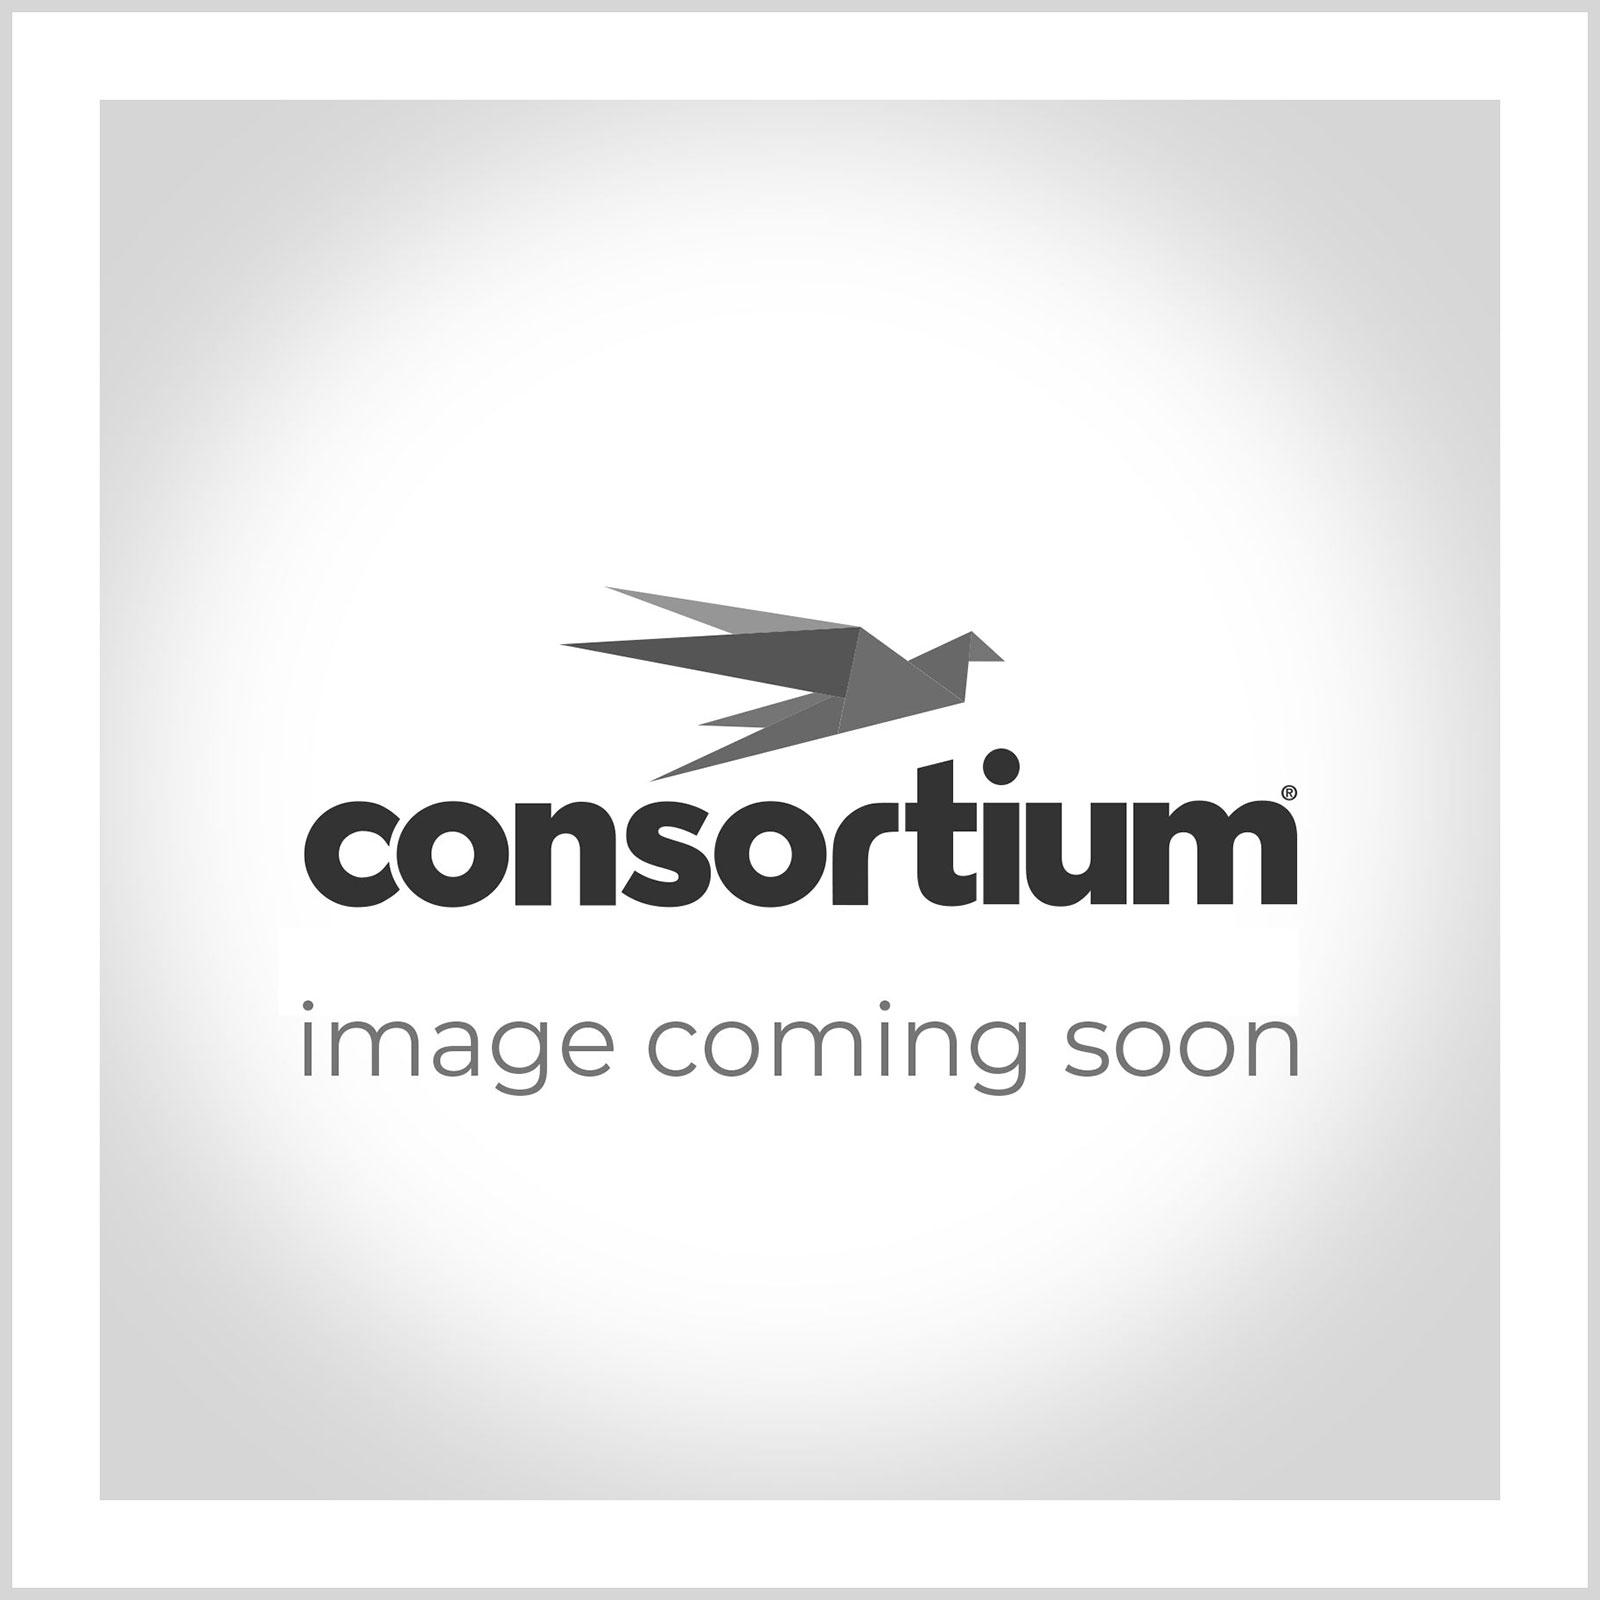 Ecover Lavender & Aloe Vera Handwash